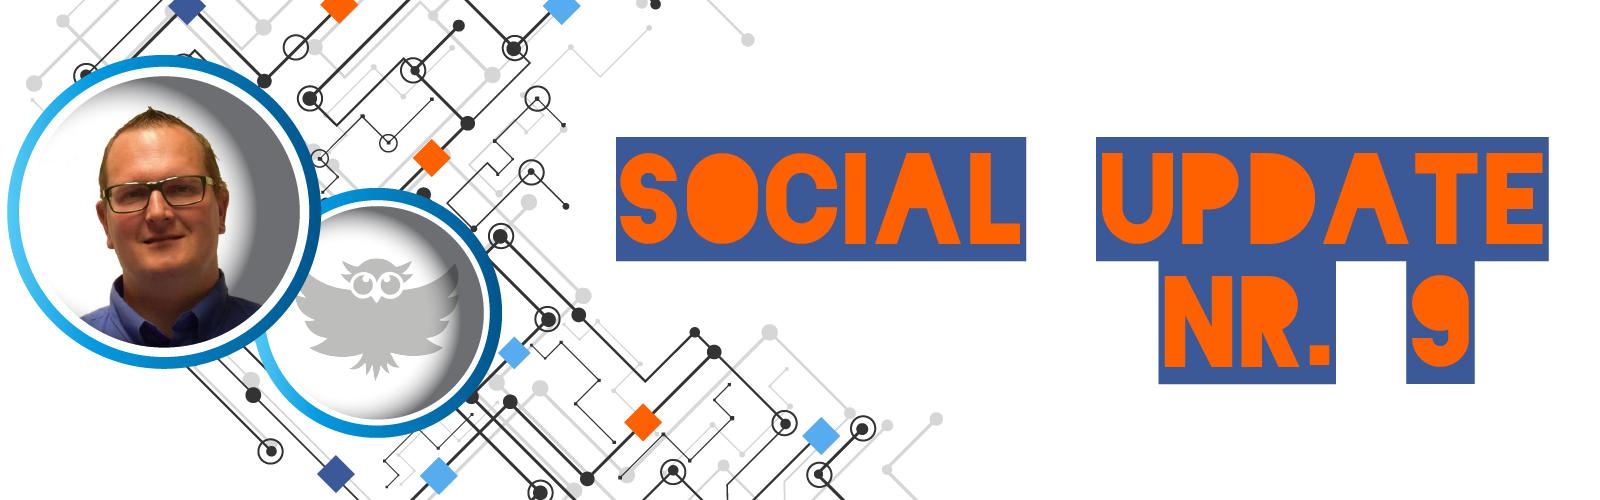 Social Update NR. 9